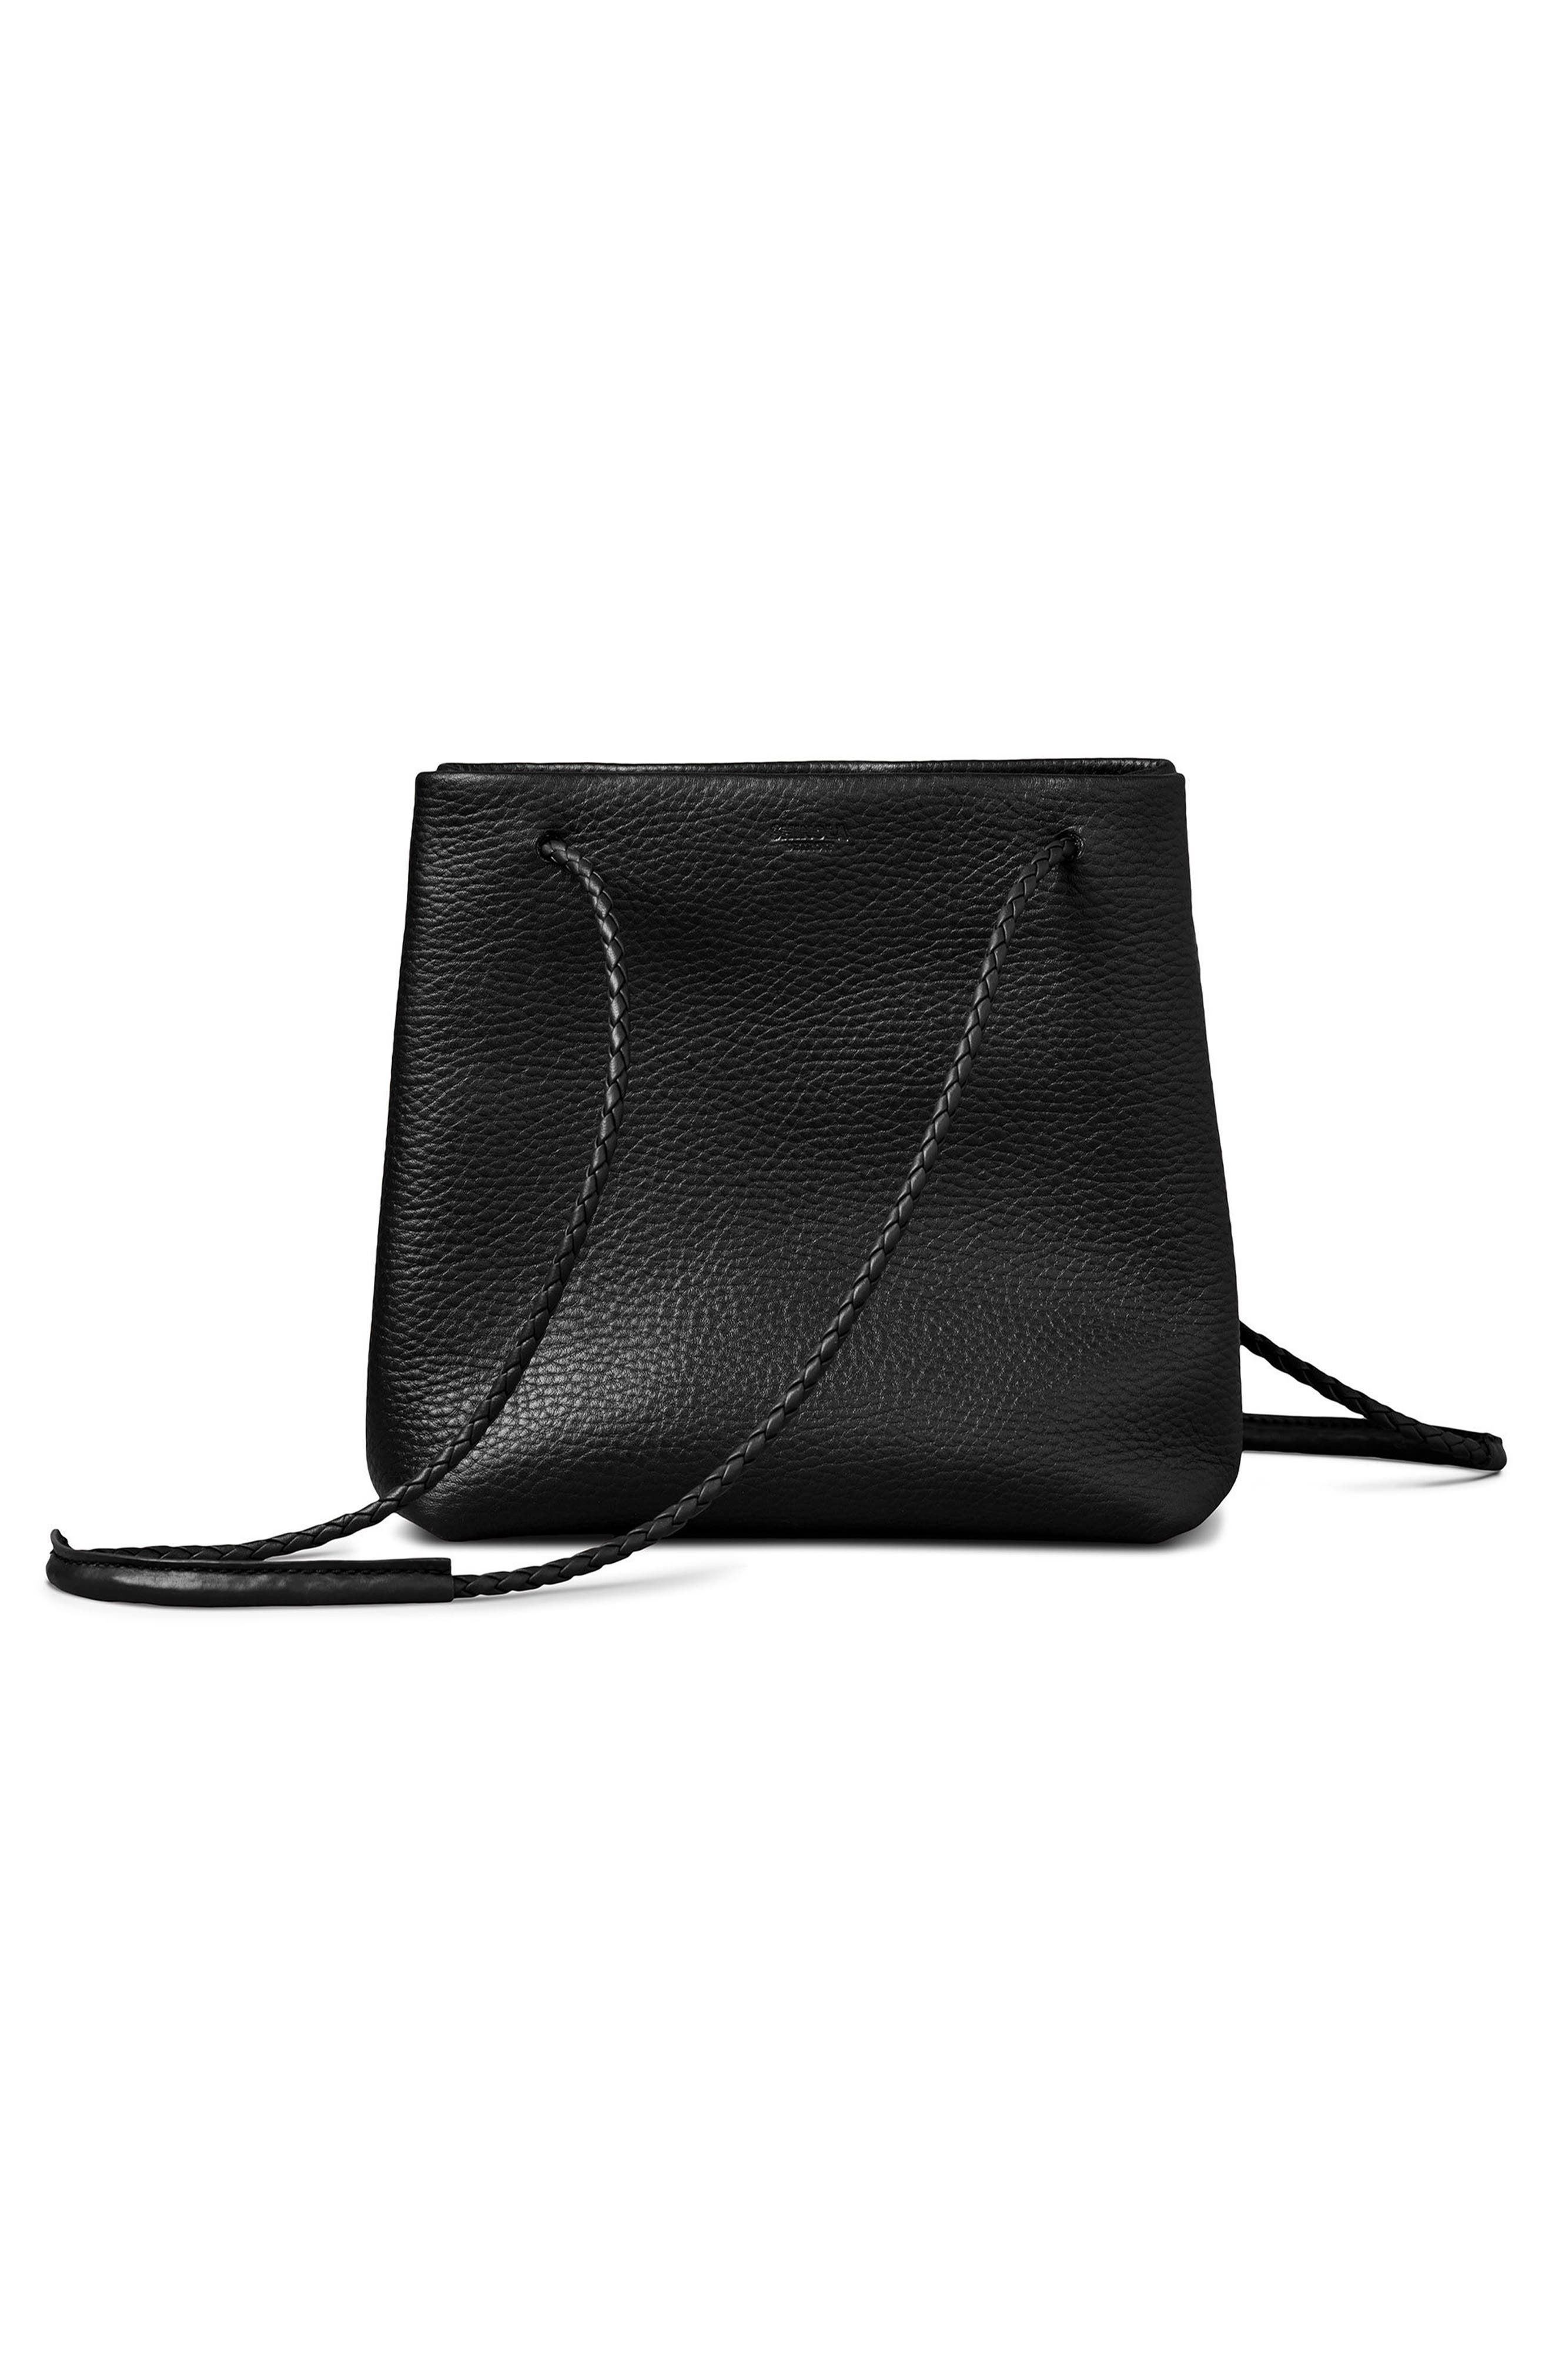 Mini Pebbled Leather Drawstring Crossbody Bag,                             Alternate thumbnail 3, color,                             001